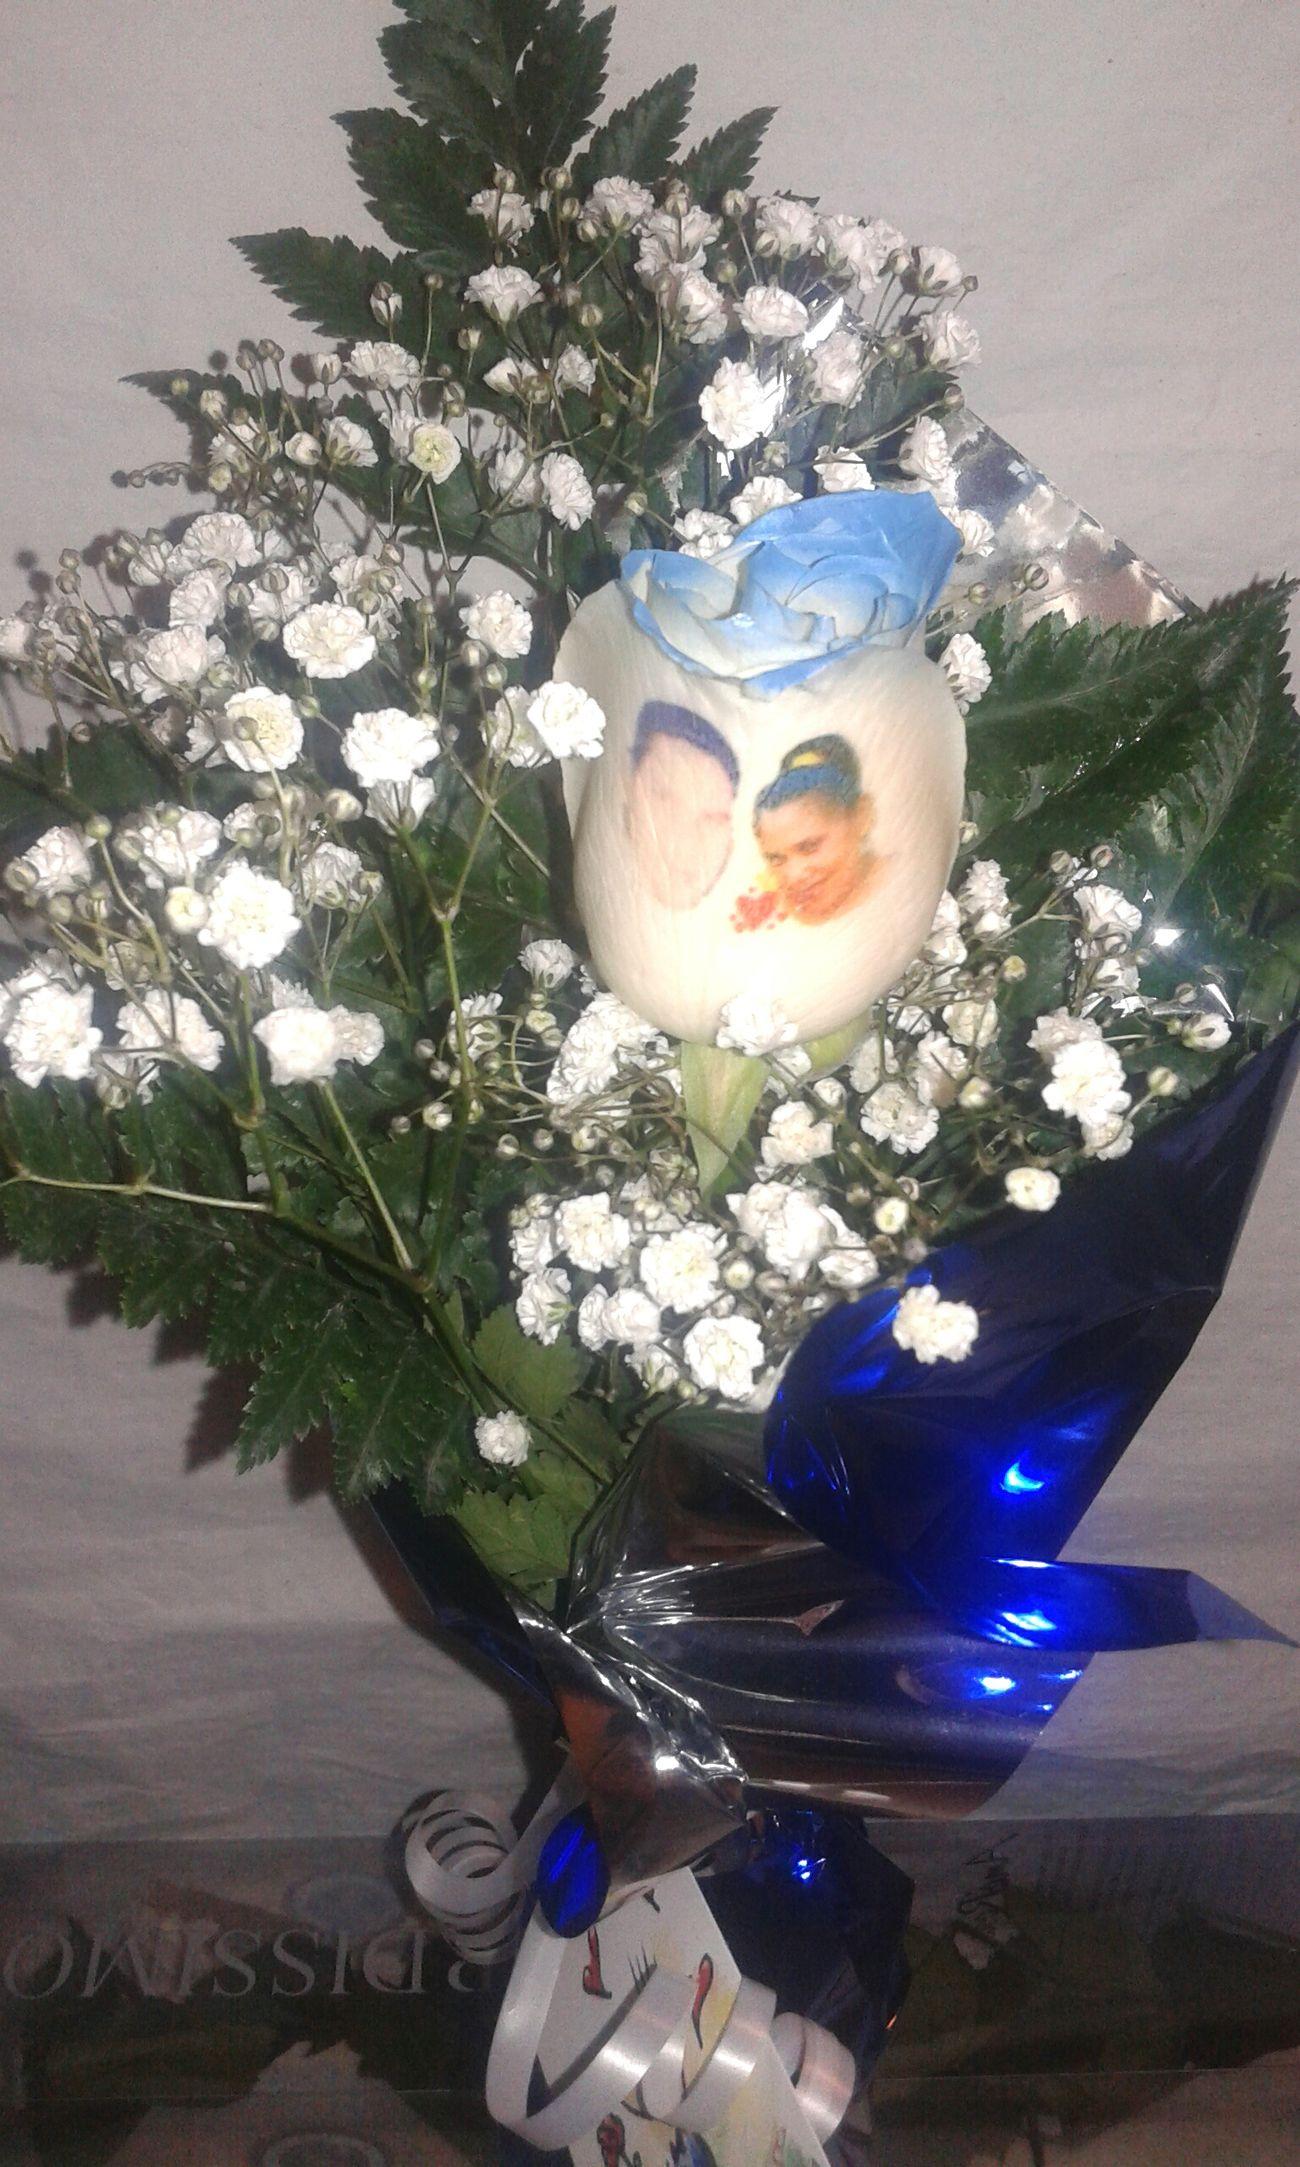 Rosa azul natural al 100 x 100 con el petalo tatuado con una fotografia, puedes ver mas en http://www.graficflower.com. Rosaazul RegaloDeCumpleaños Regalo De Aniversario Flowers Regalo Original Ramos De Rosas Flores Y Más Flores Birthday Gift Regalos A Domicilio Roses